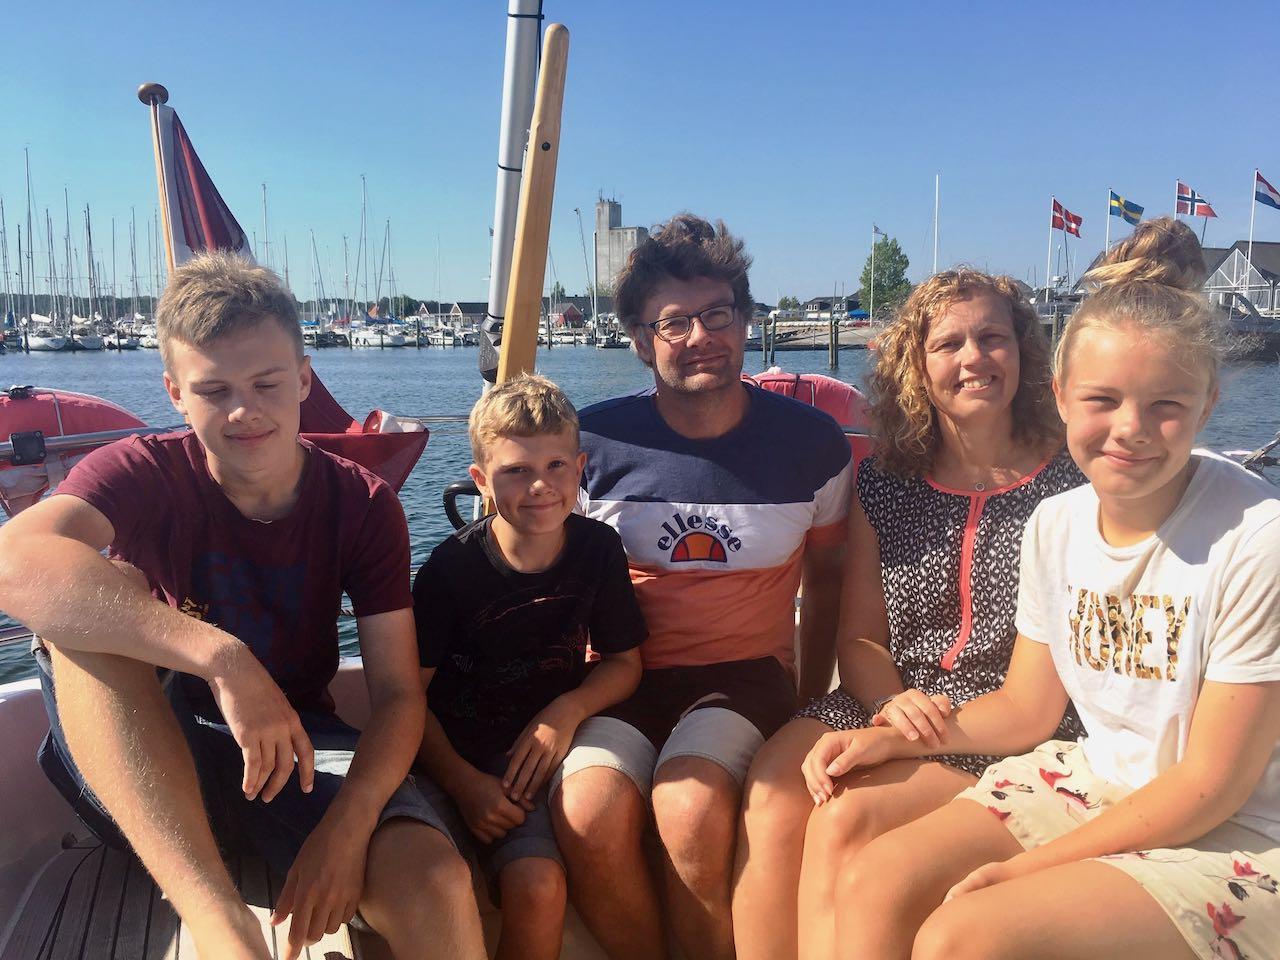 Sommerferie i Danmark